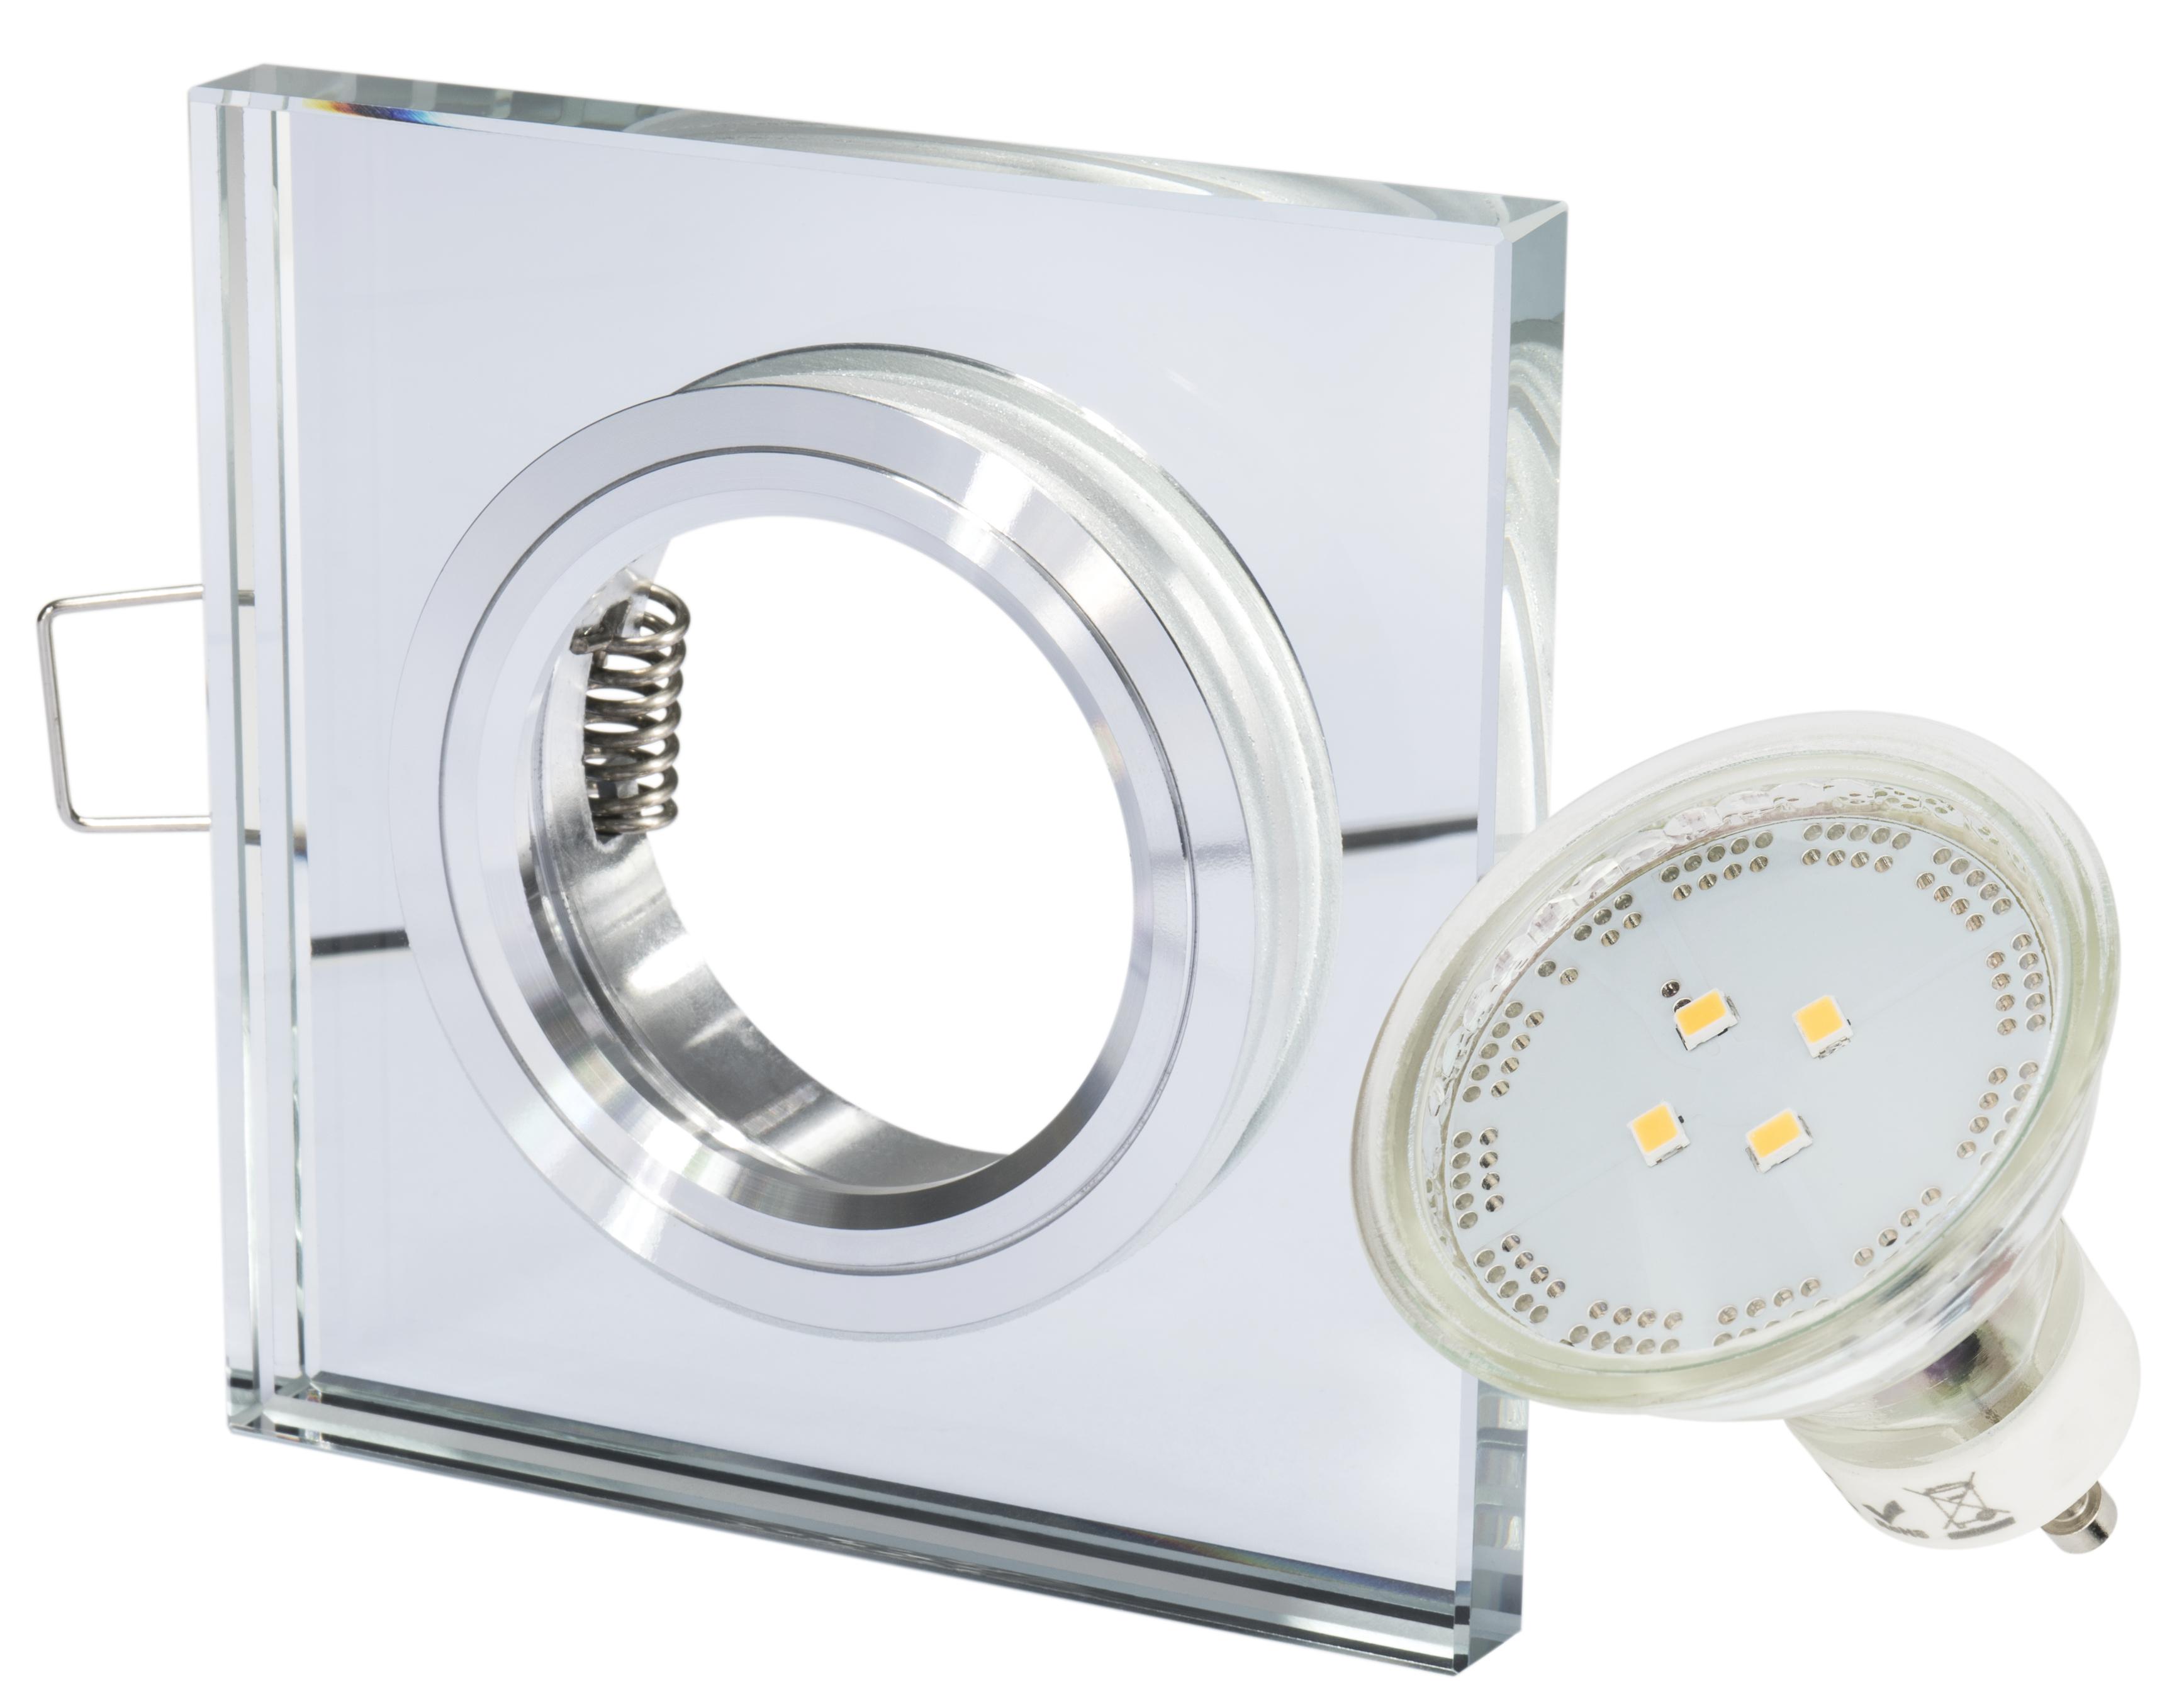 10 x GU10 Fassung 230 Volt glänzend inkl 10 x Einbaustrahler Set Chrom